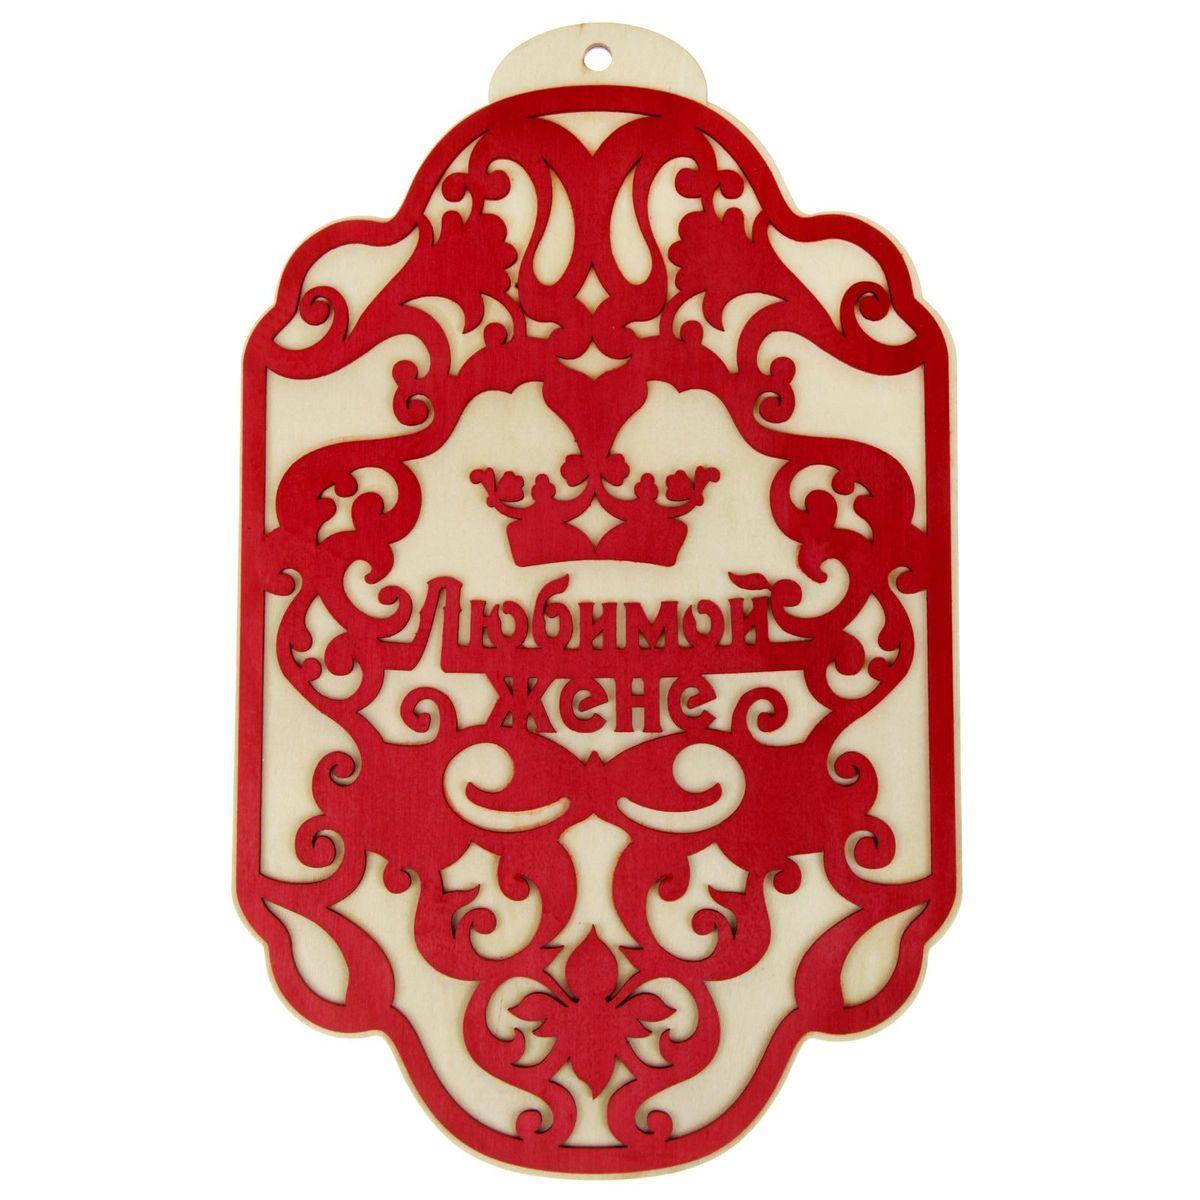 Доска разделочная Sima-land Любимой жене, 20 х 32 см68/5/4Разделочная доска Sima-land Любимой жене - это один из самых необходимых предметов на кухне, без нее трудно обойтись при приготовлении пищи. Но кроме своей необходимости, она может приносить и эстетическое удовольствие, украшая собой интерьер кухни. Двухслойная доска из дерева - приятный и функциональный подарок для тех, кто любит готовить.